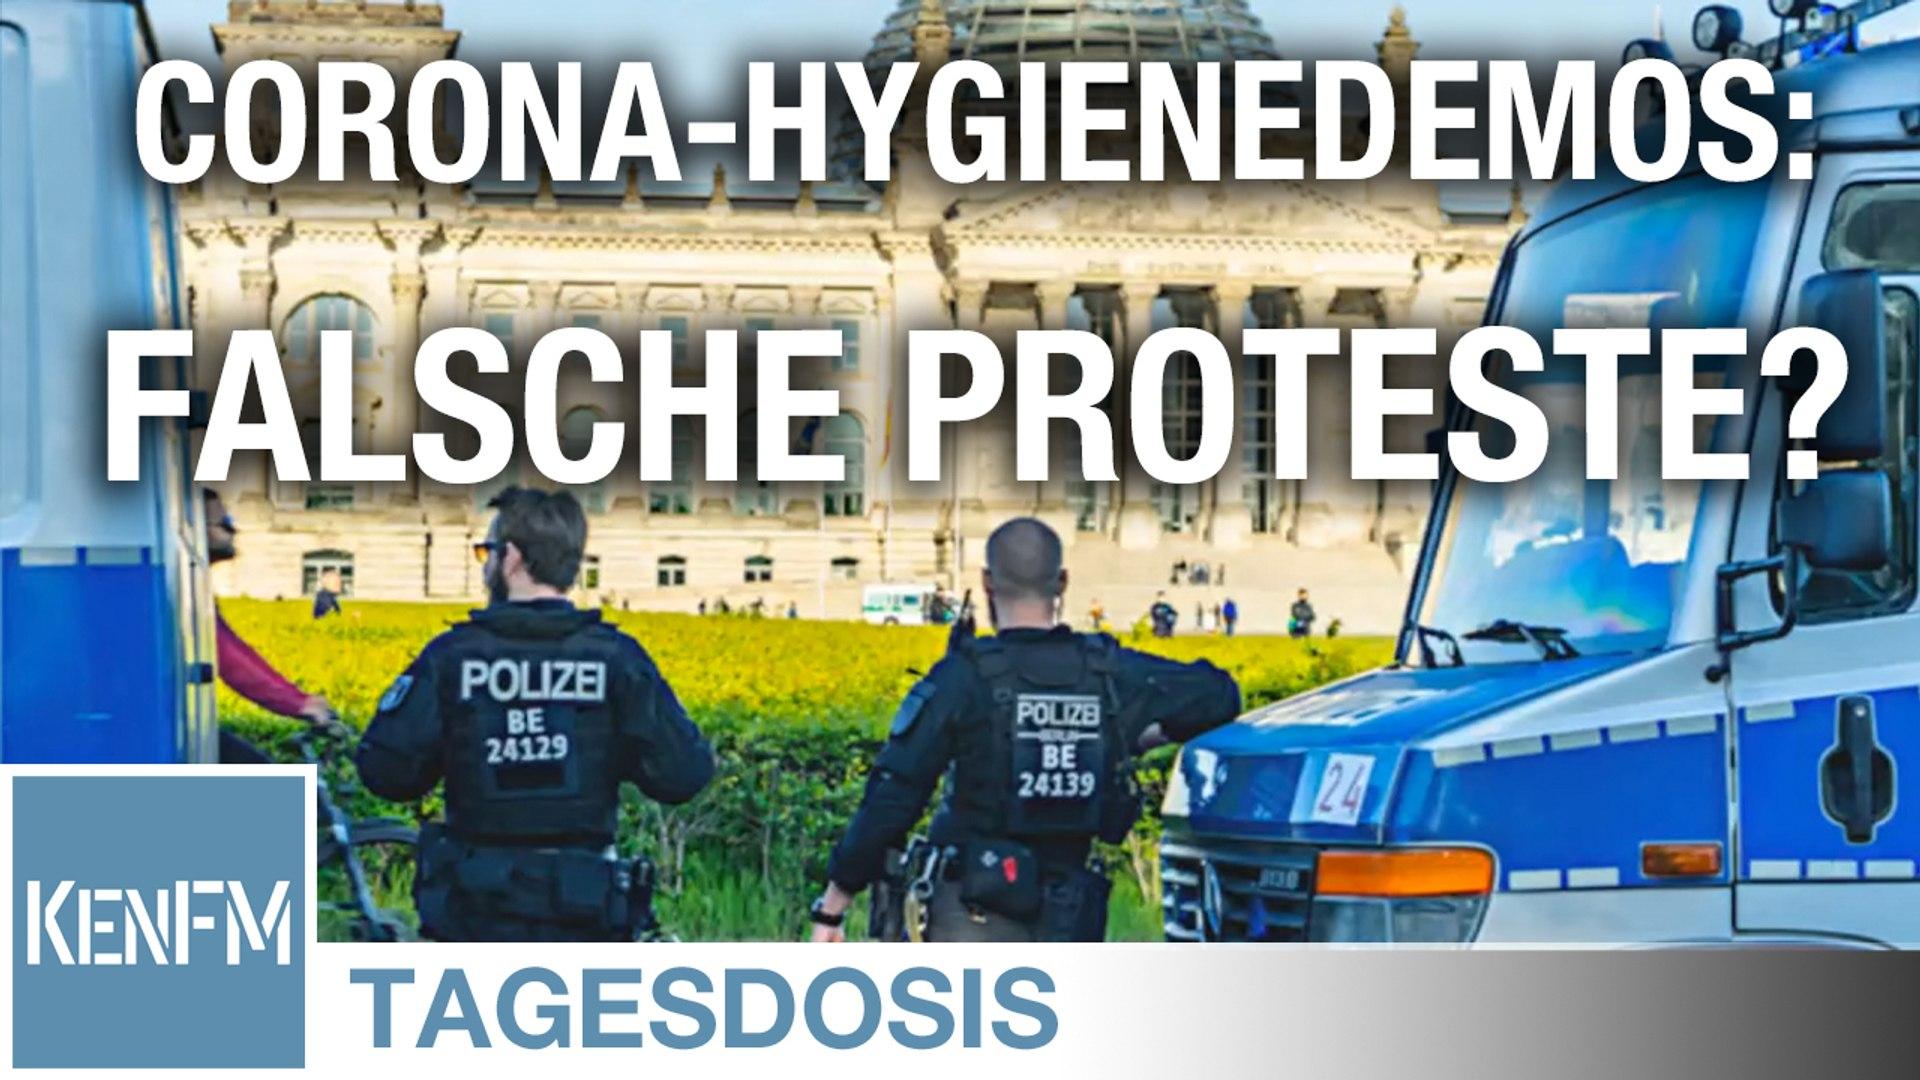 """Sind Corona-Hygienedemos """"die falschen Proteste?"""" - Tagesdosis 29.5.2020"""